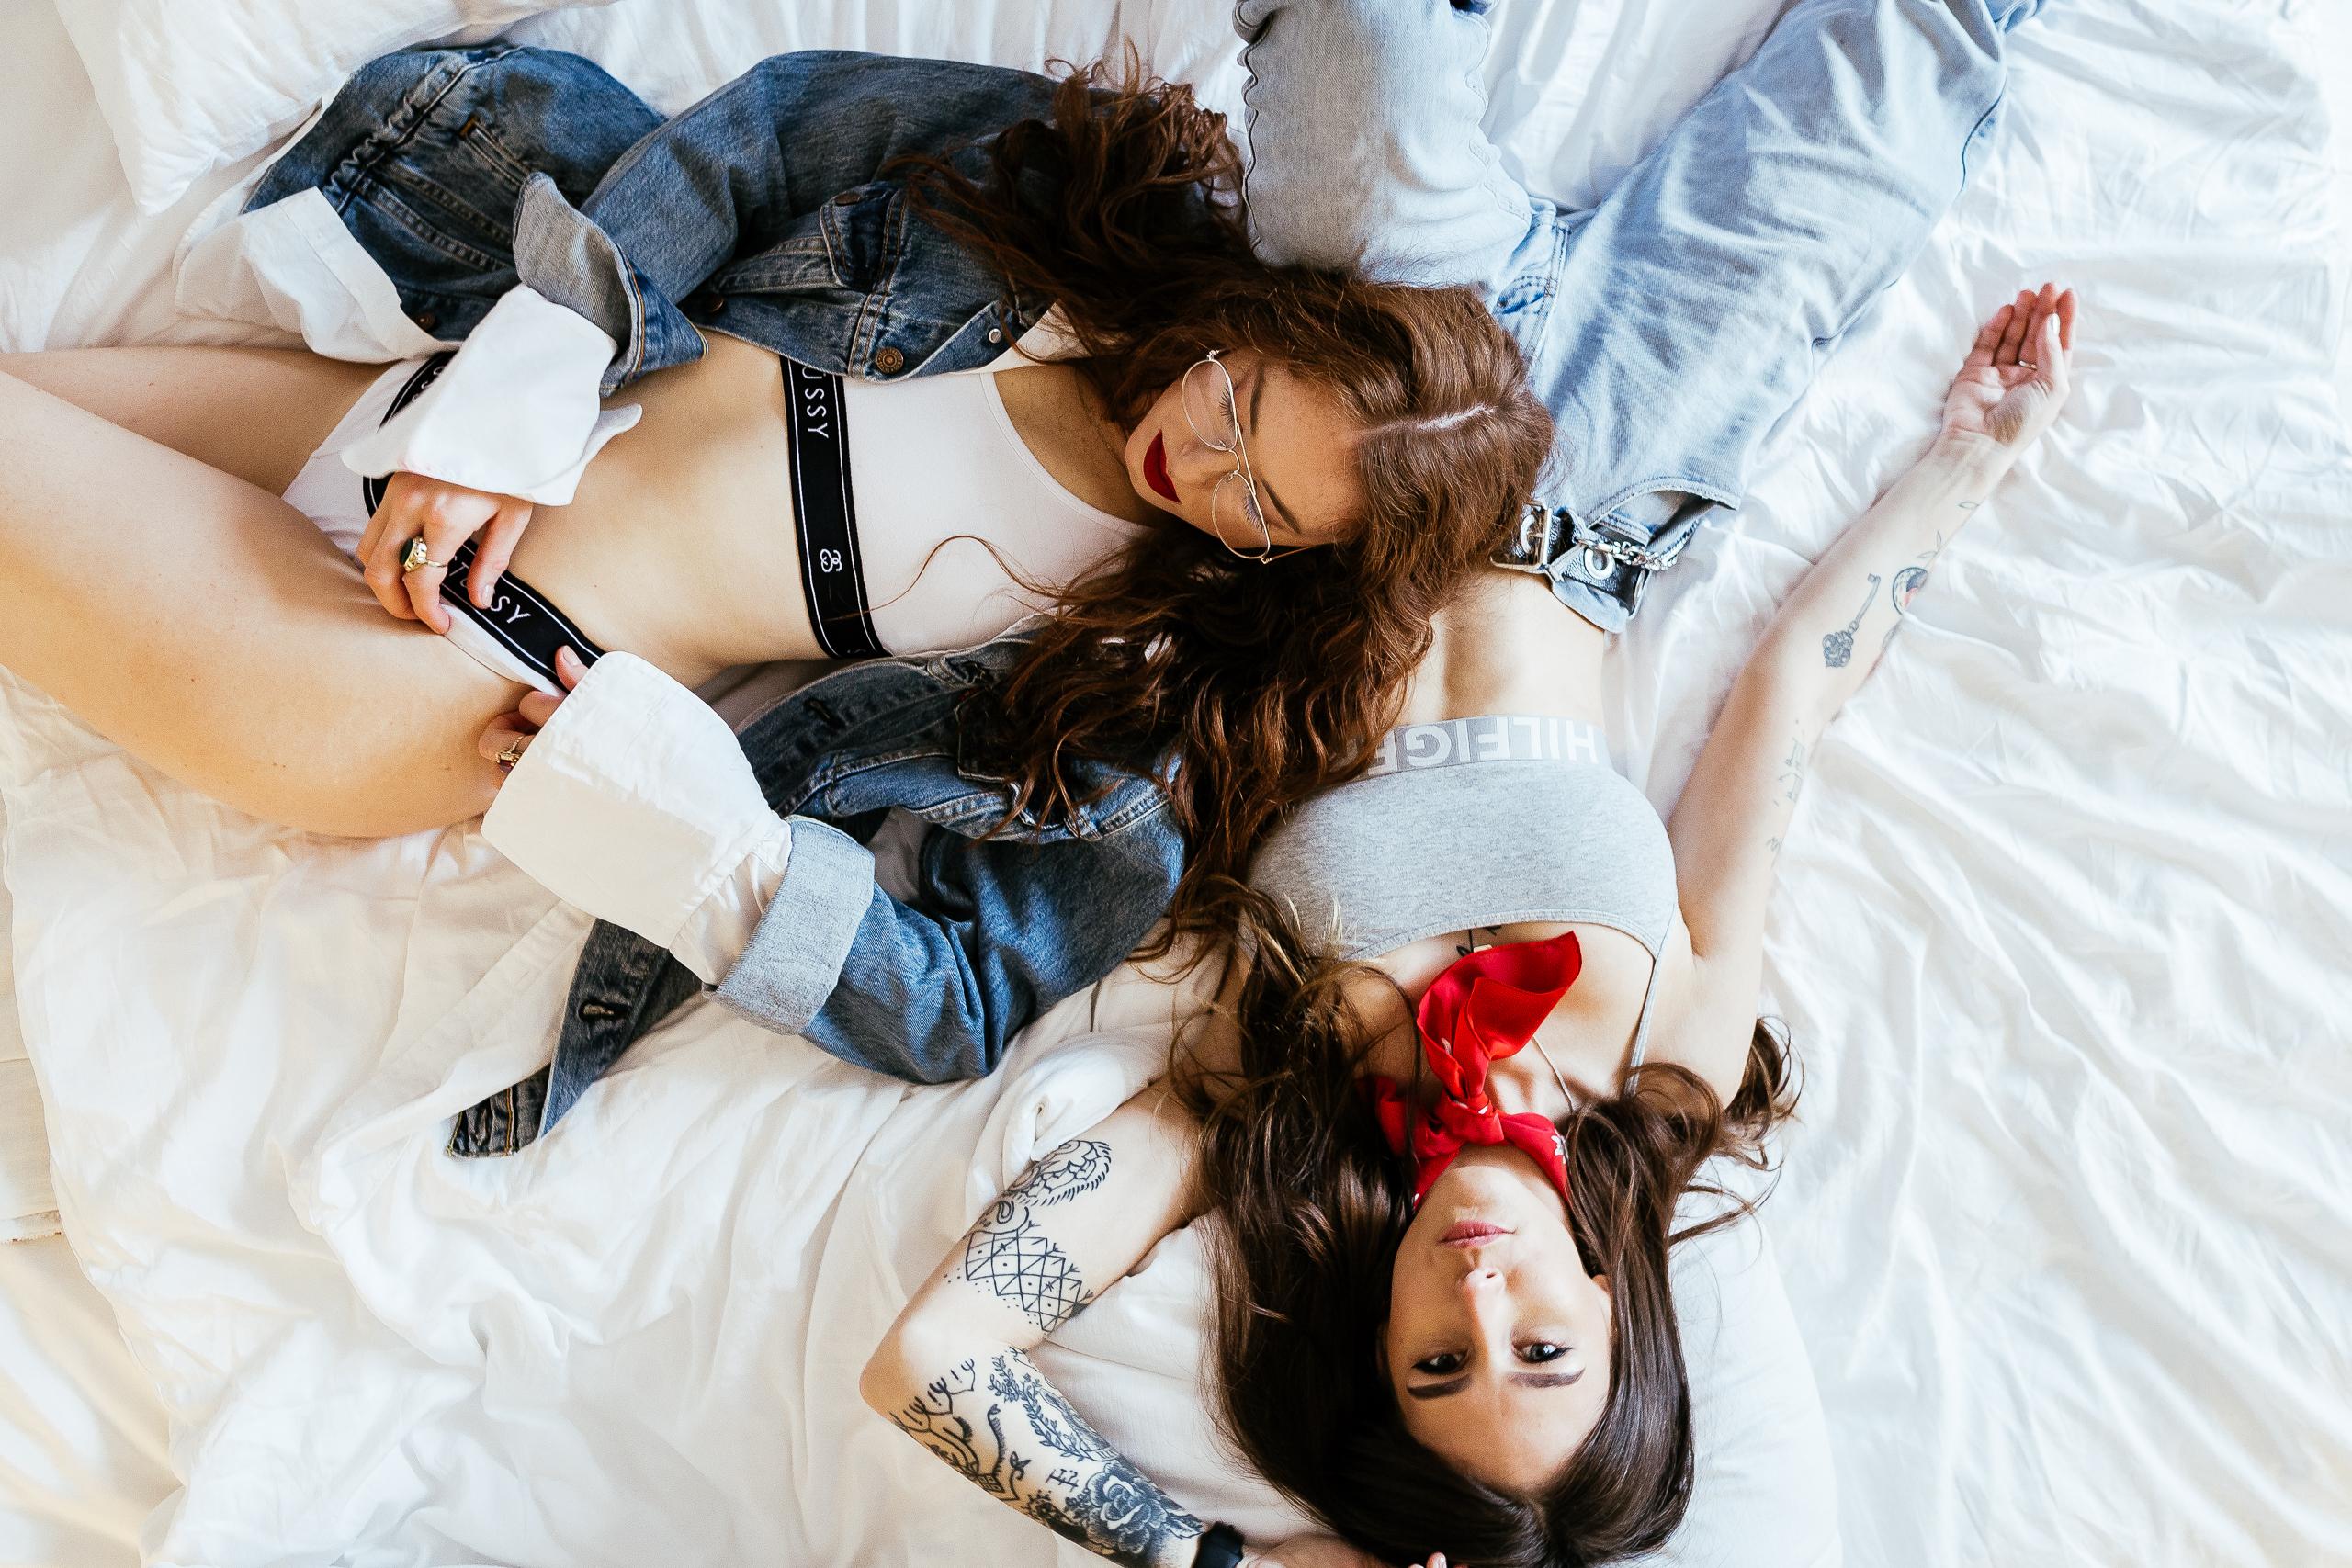 Dostali jsme holky z Instagramu do postele